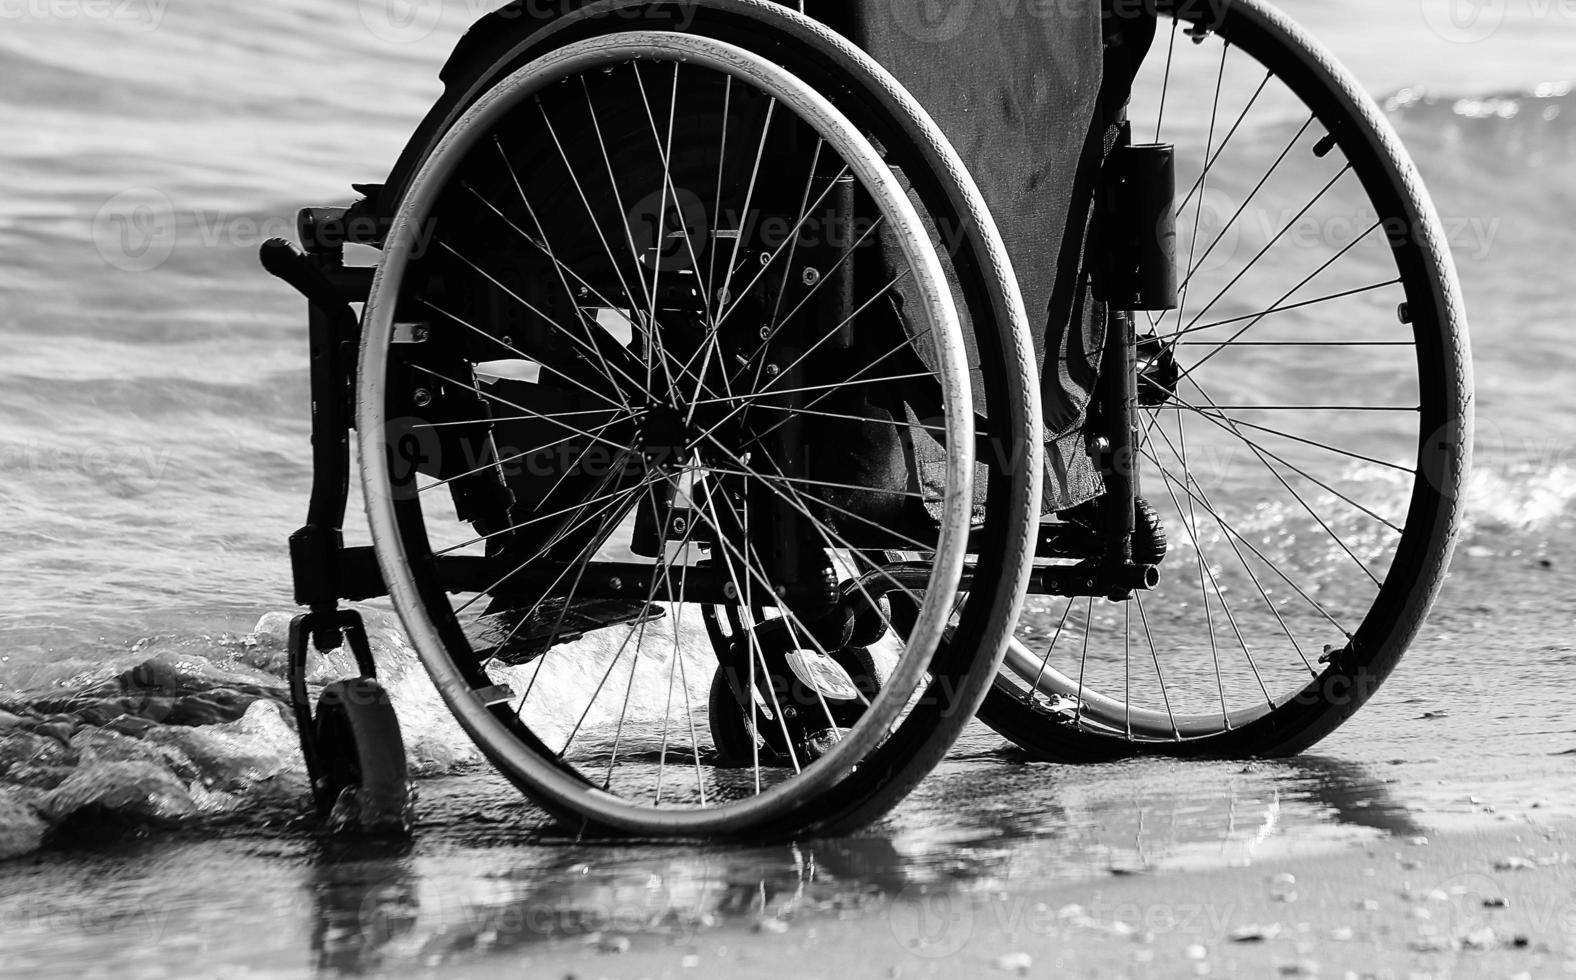 cadeira de rodas à beira-mar na praia foto